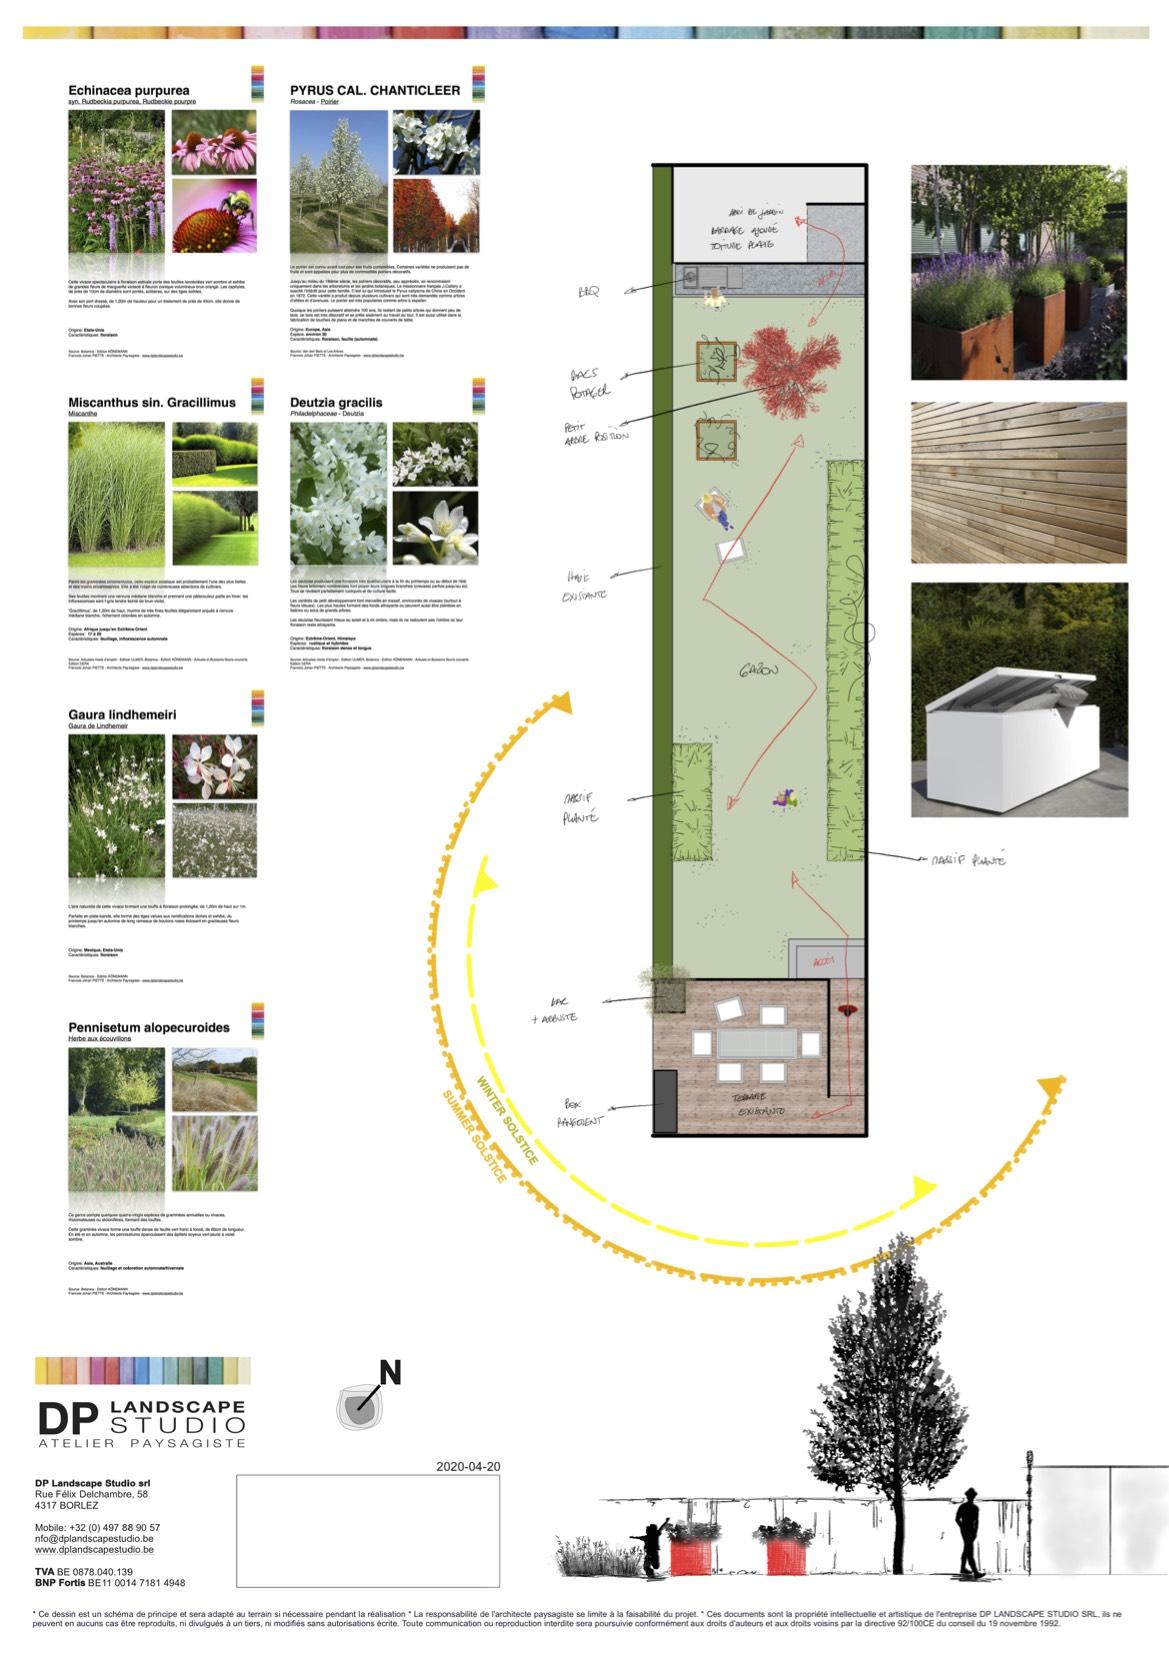 DP Landscape Studio francois piette architecte de jardins plan de jardins aménagements extérieurs ja